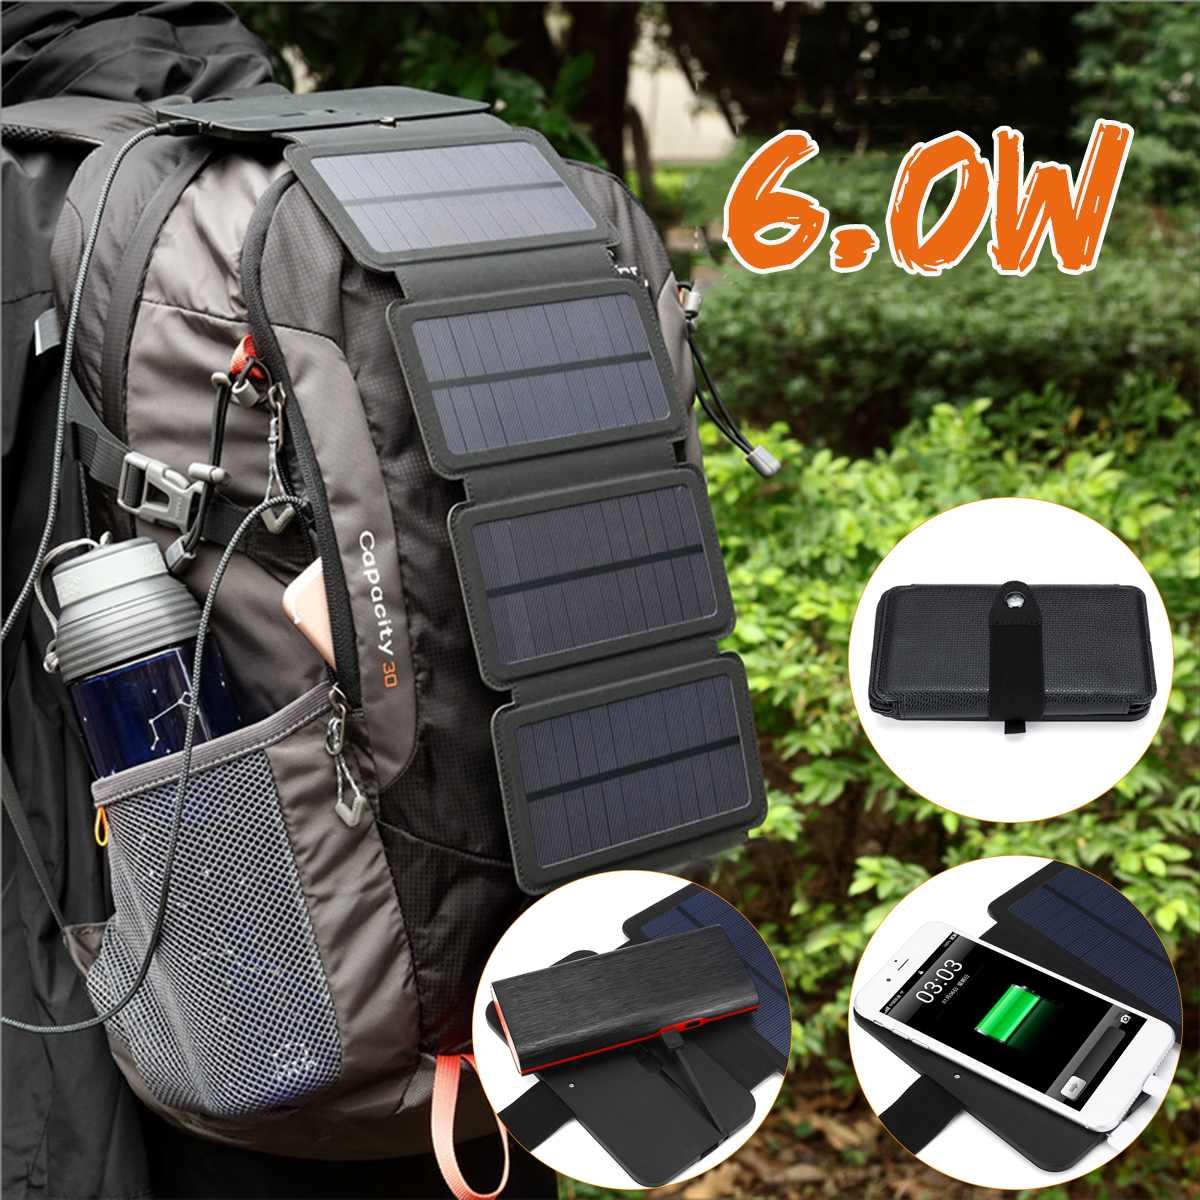 Chargeur de panneau solaire extérieur pliant USB type-c Port pour batterie chargeurs de téléphone Portable générateur solaire Portable pour Smartphone